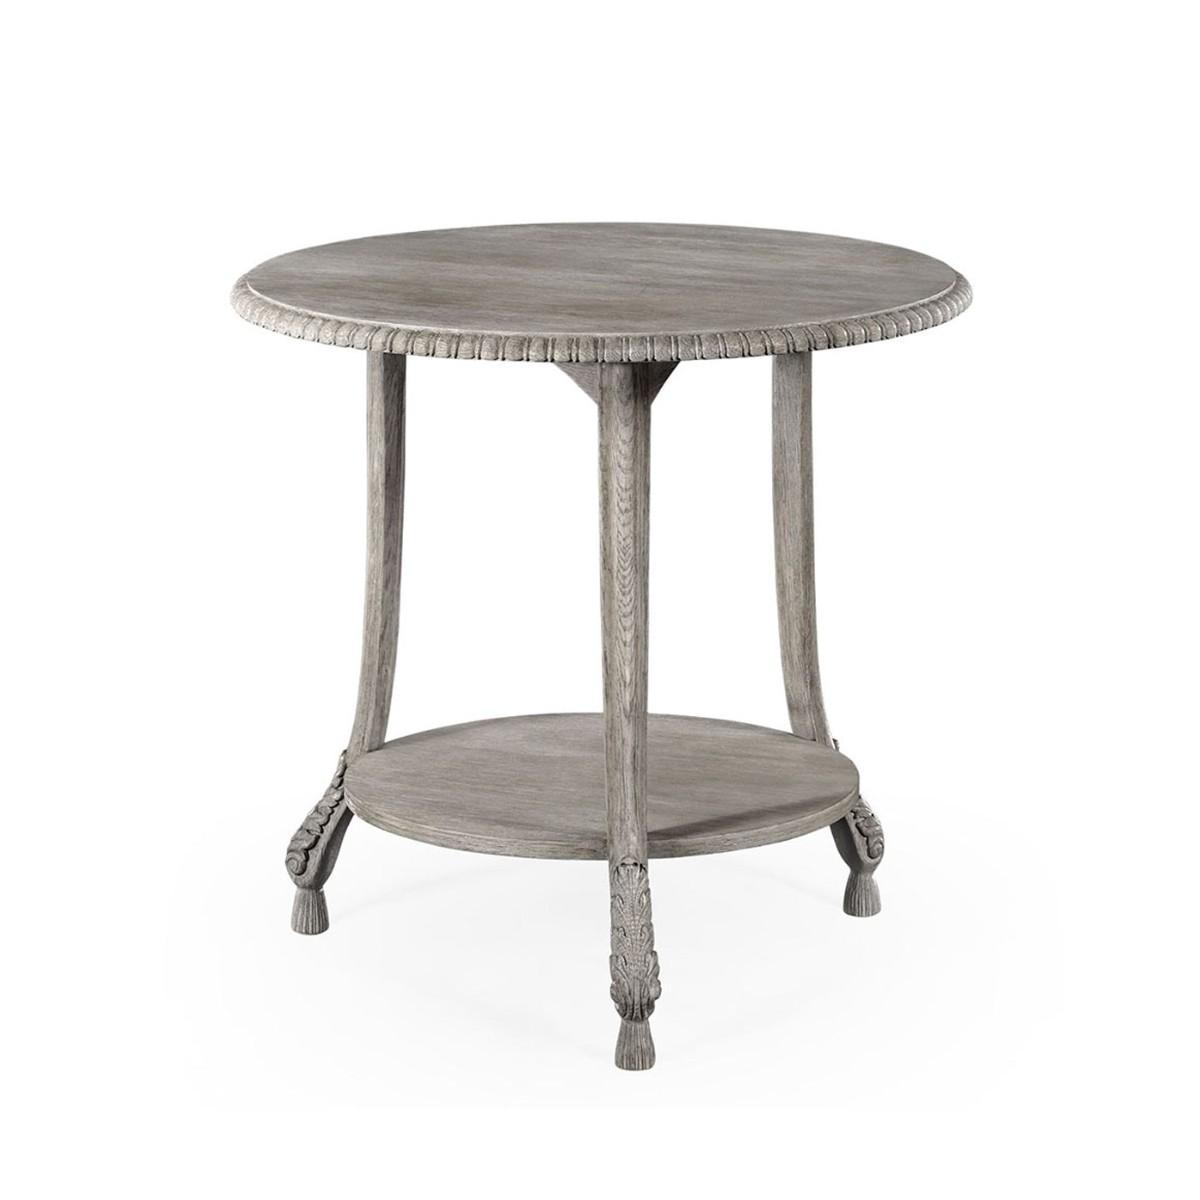 William Yeoward | Moxby Table Greyed Oak